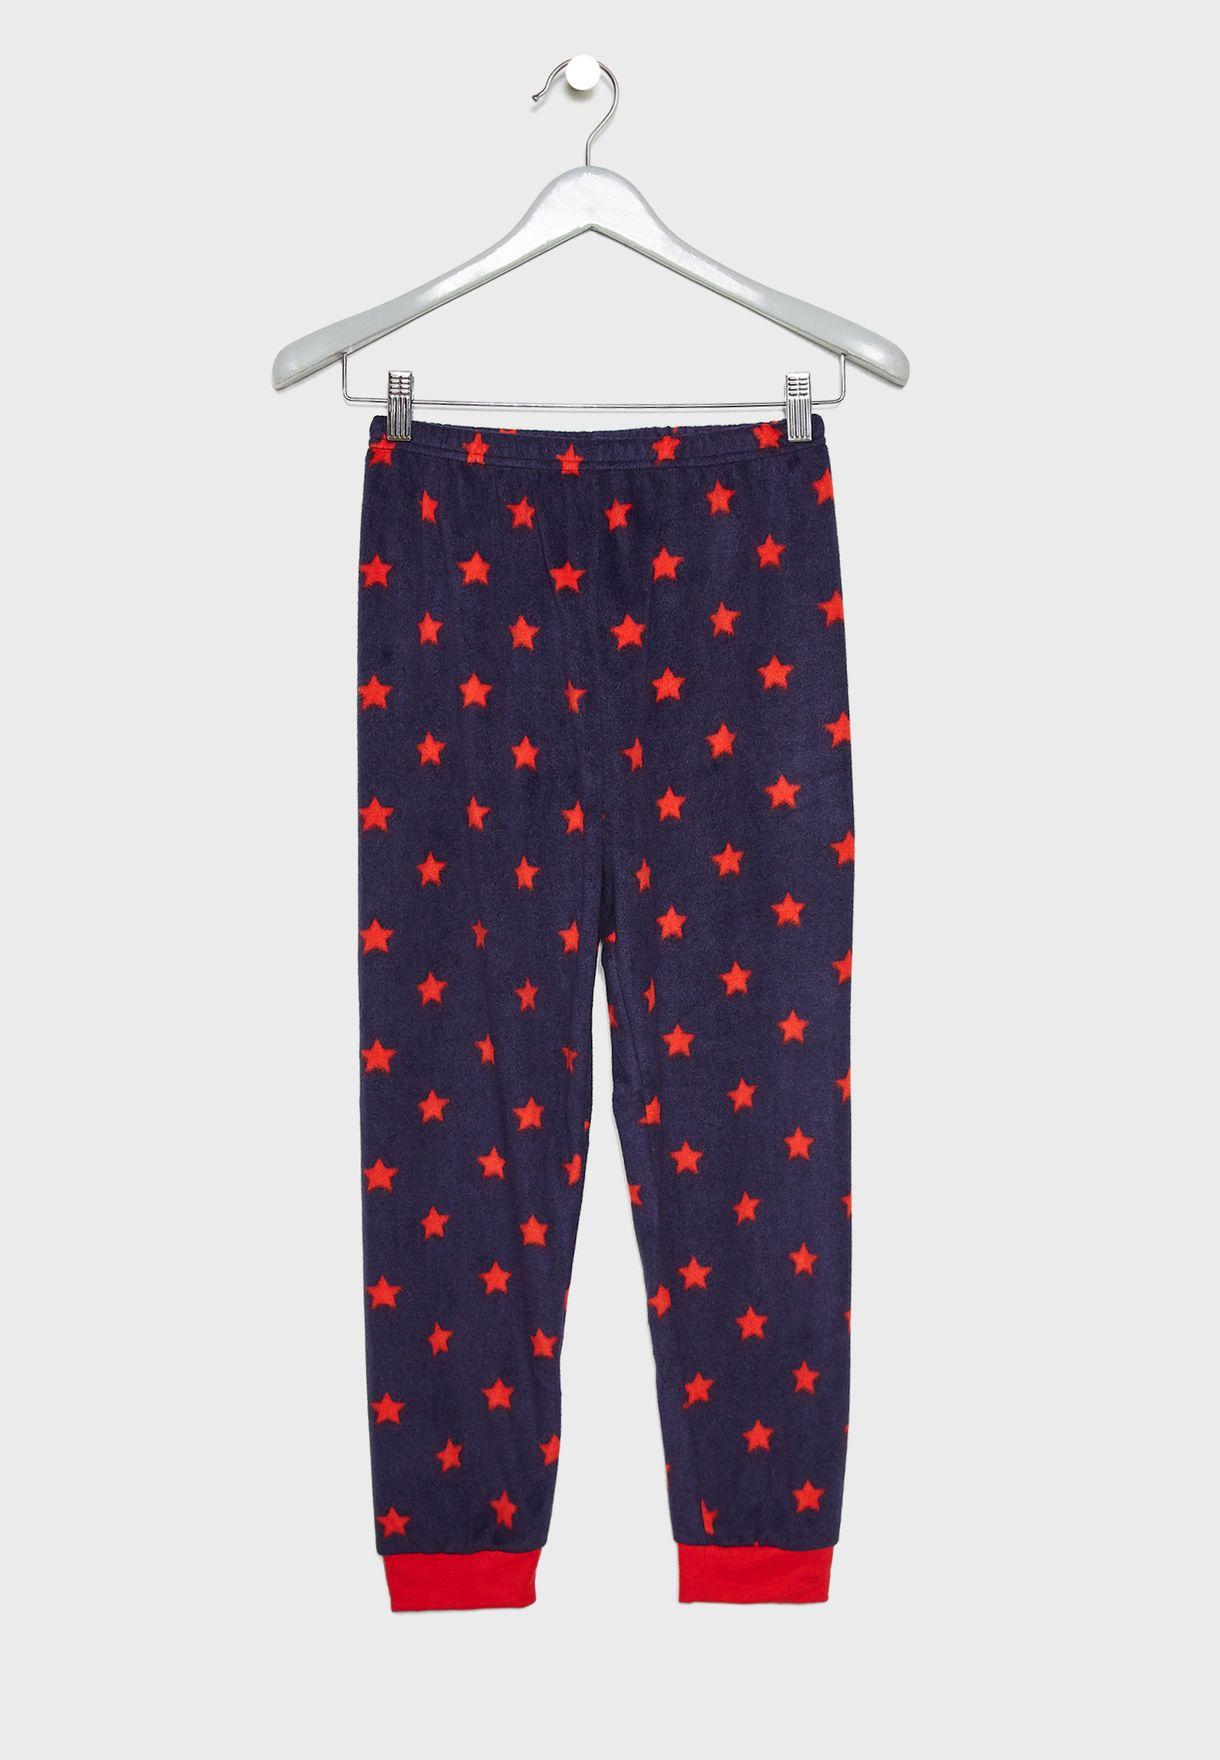 Kids Rockstar Pyjama Set